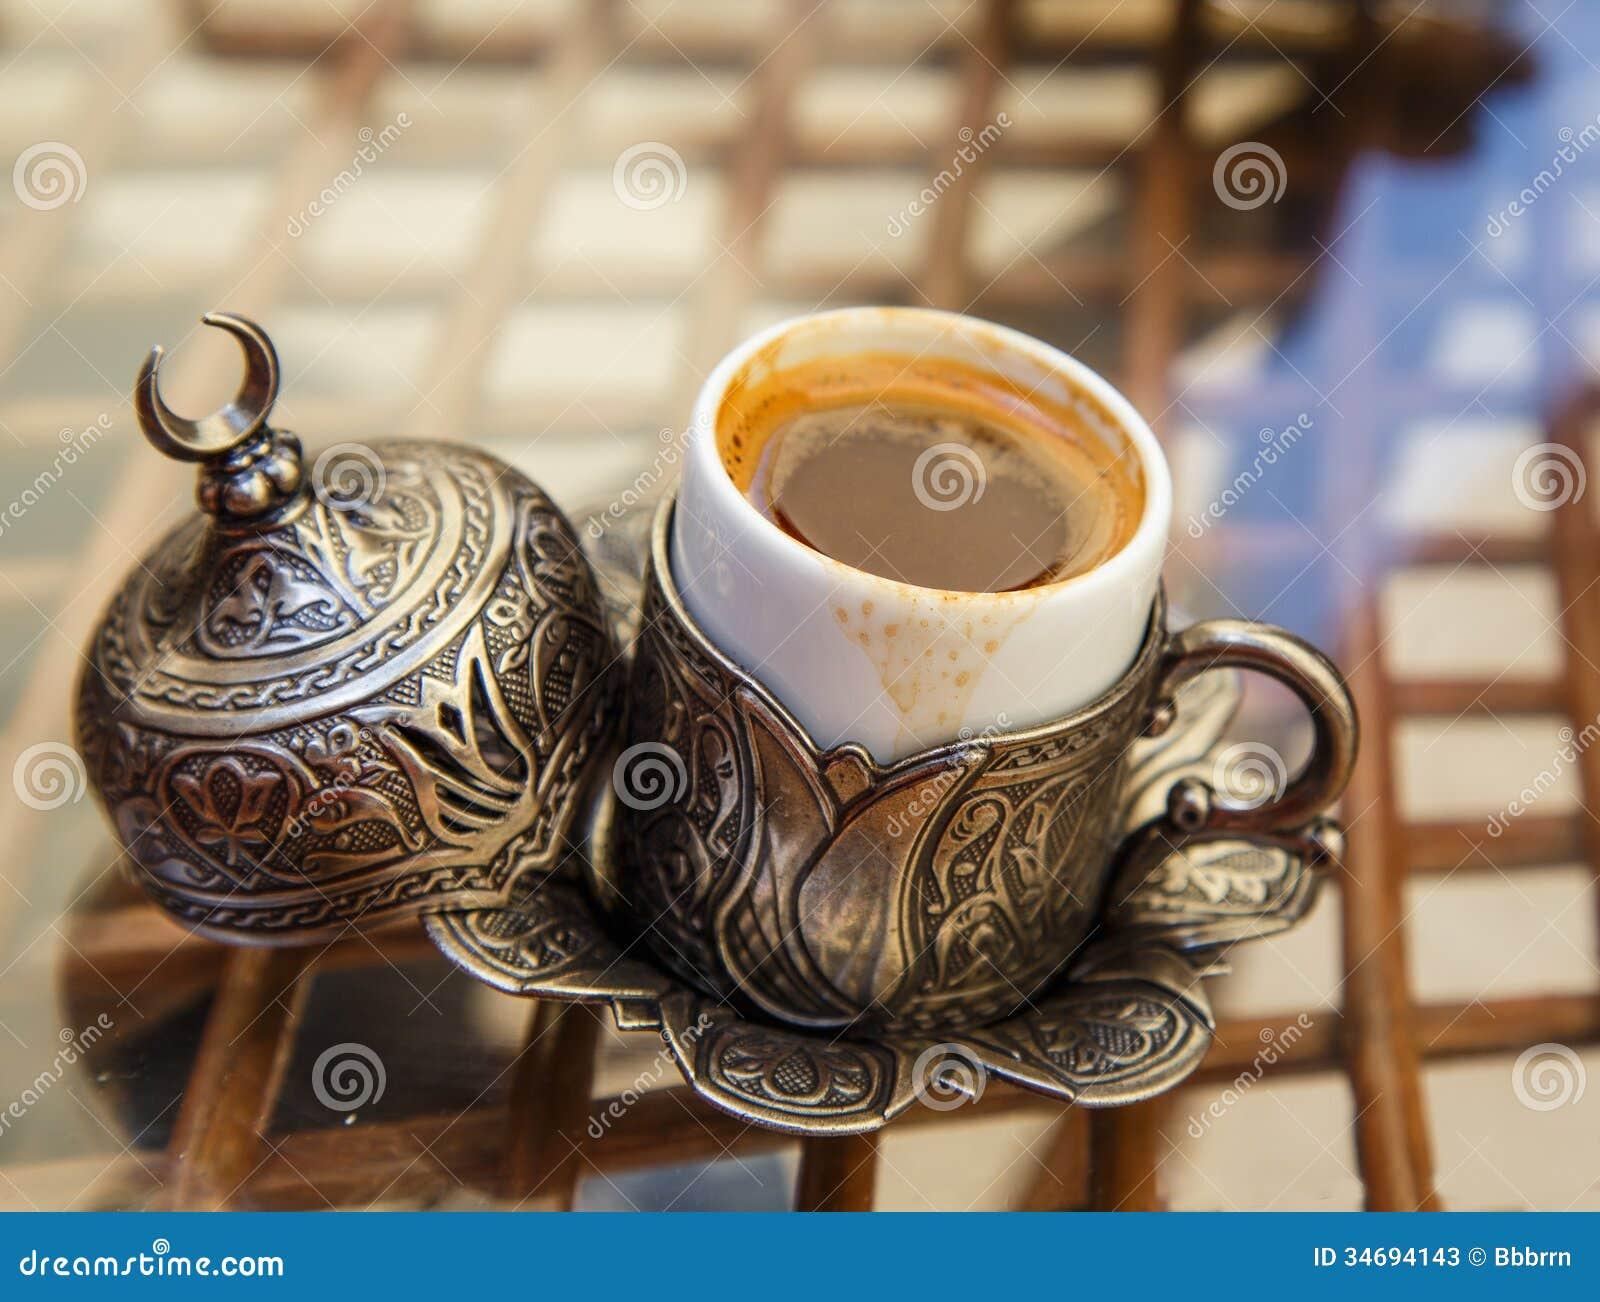 Turkish Coffee Stock Photos Image 34694143